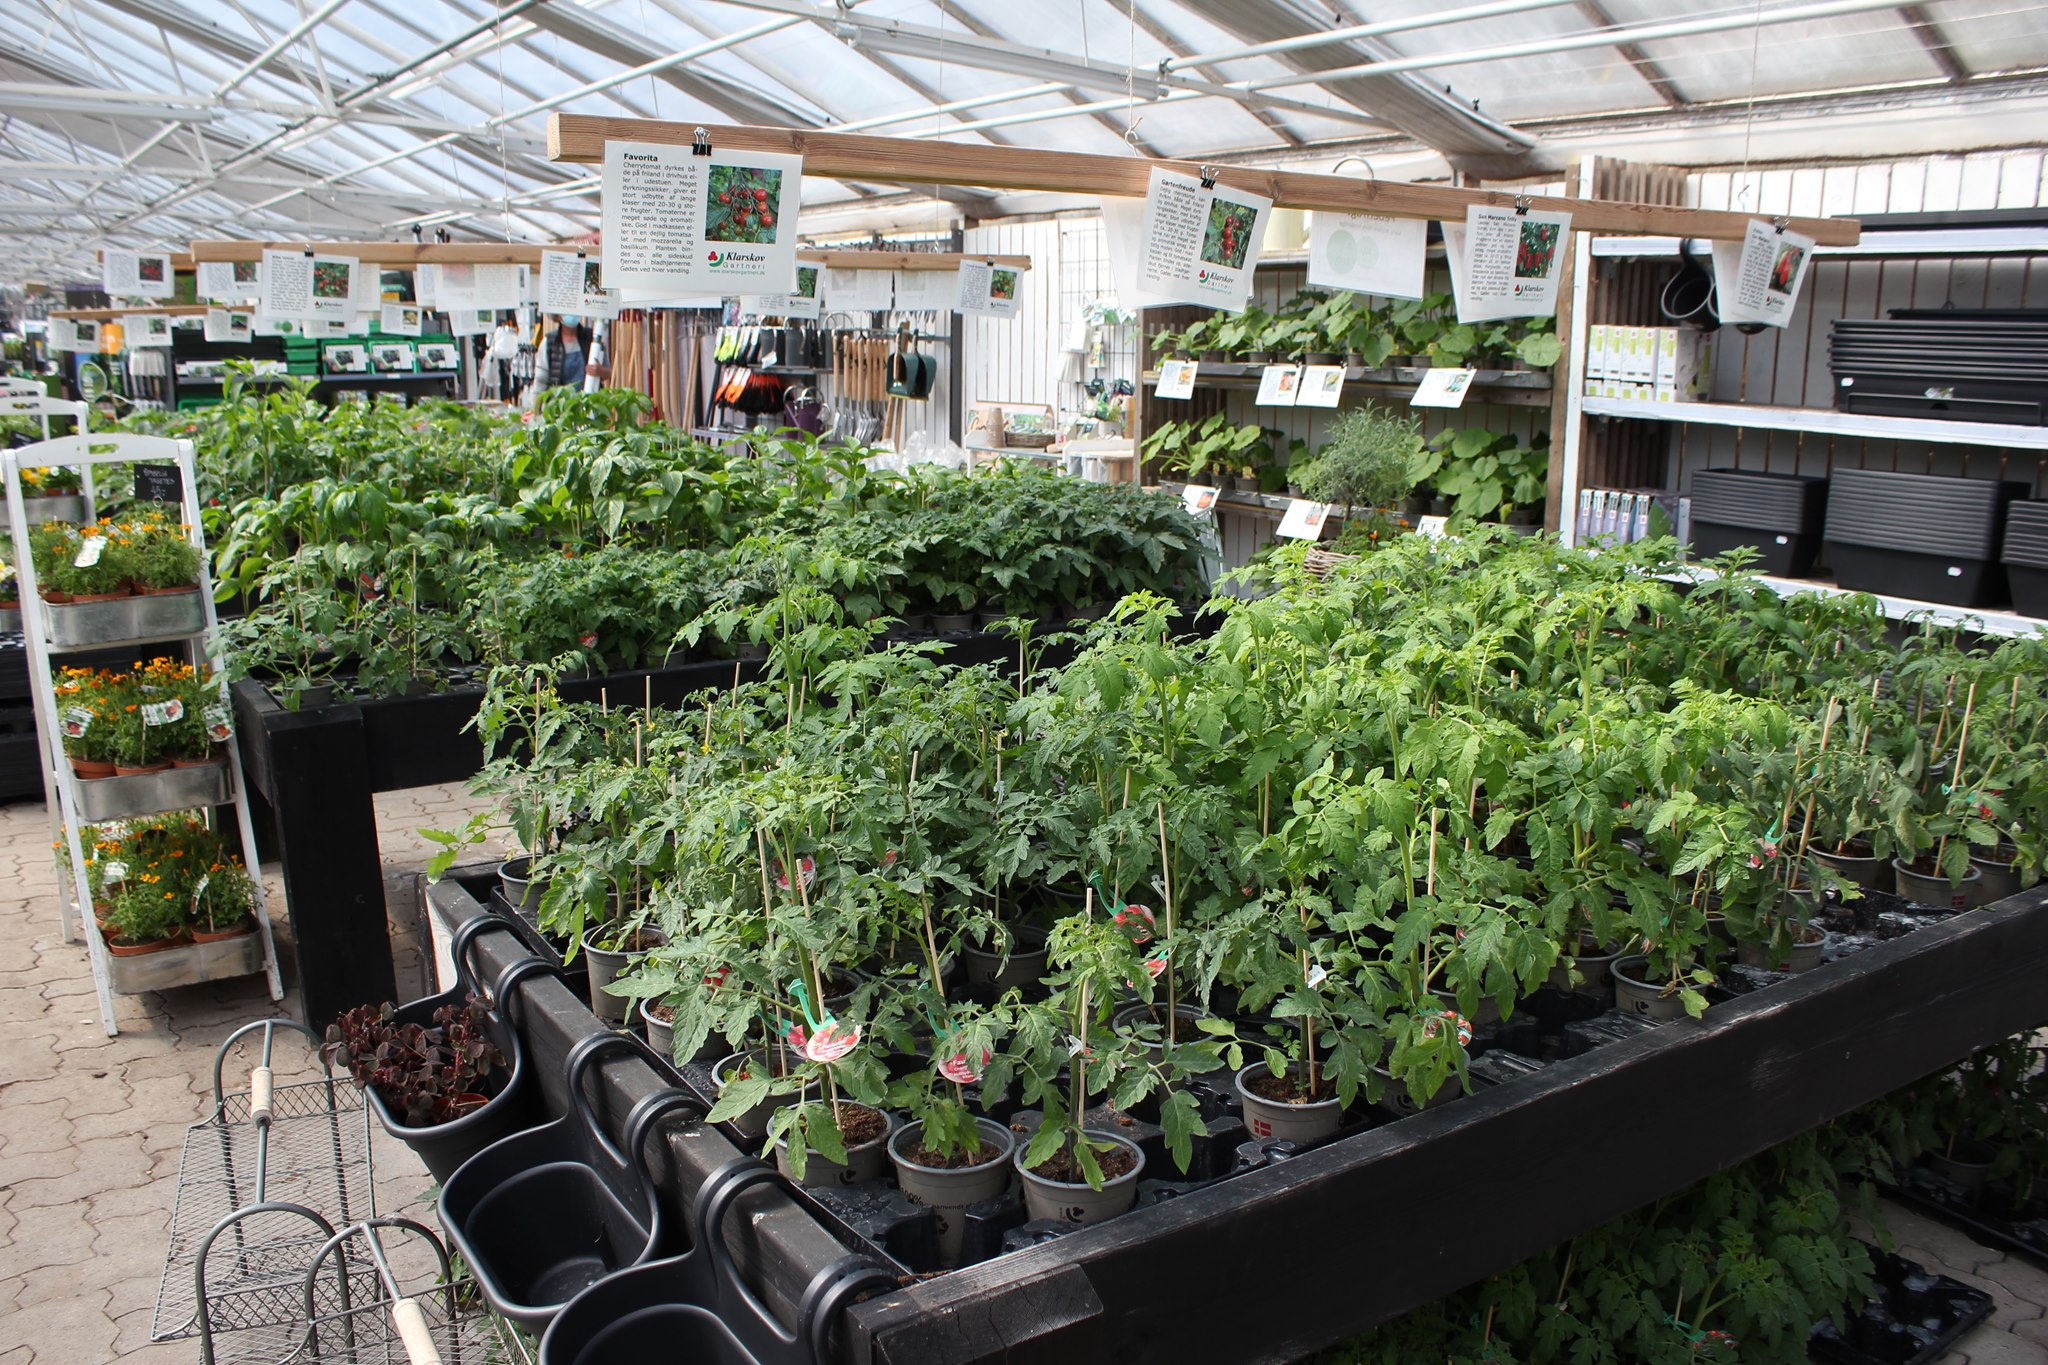 Tomatplanter, agurkeplanter og andre planter til udplantning fra Grønne Hjem.